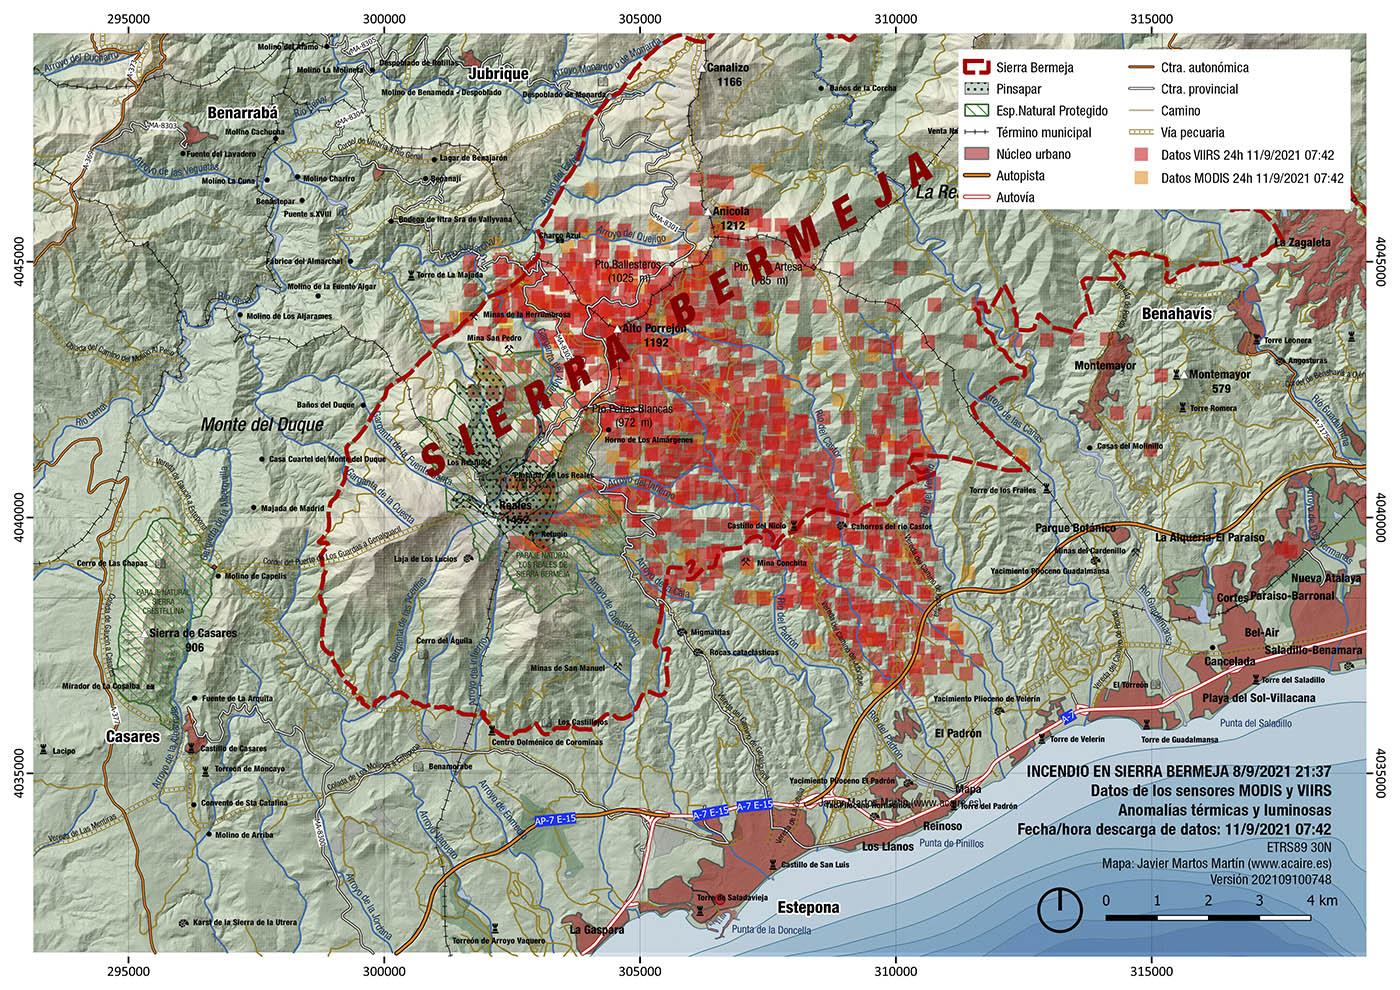 Incendio de Sierra Bermeja. Estimación del 11/9/2021